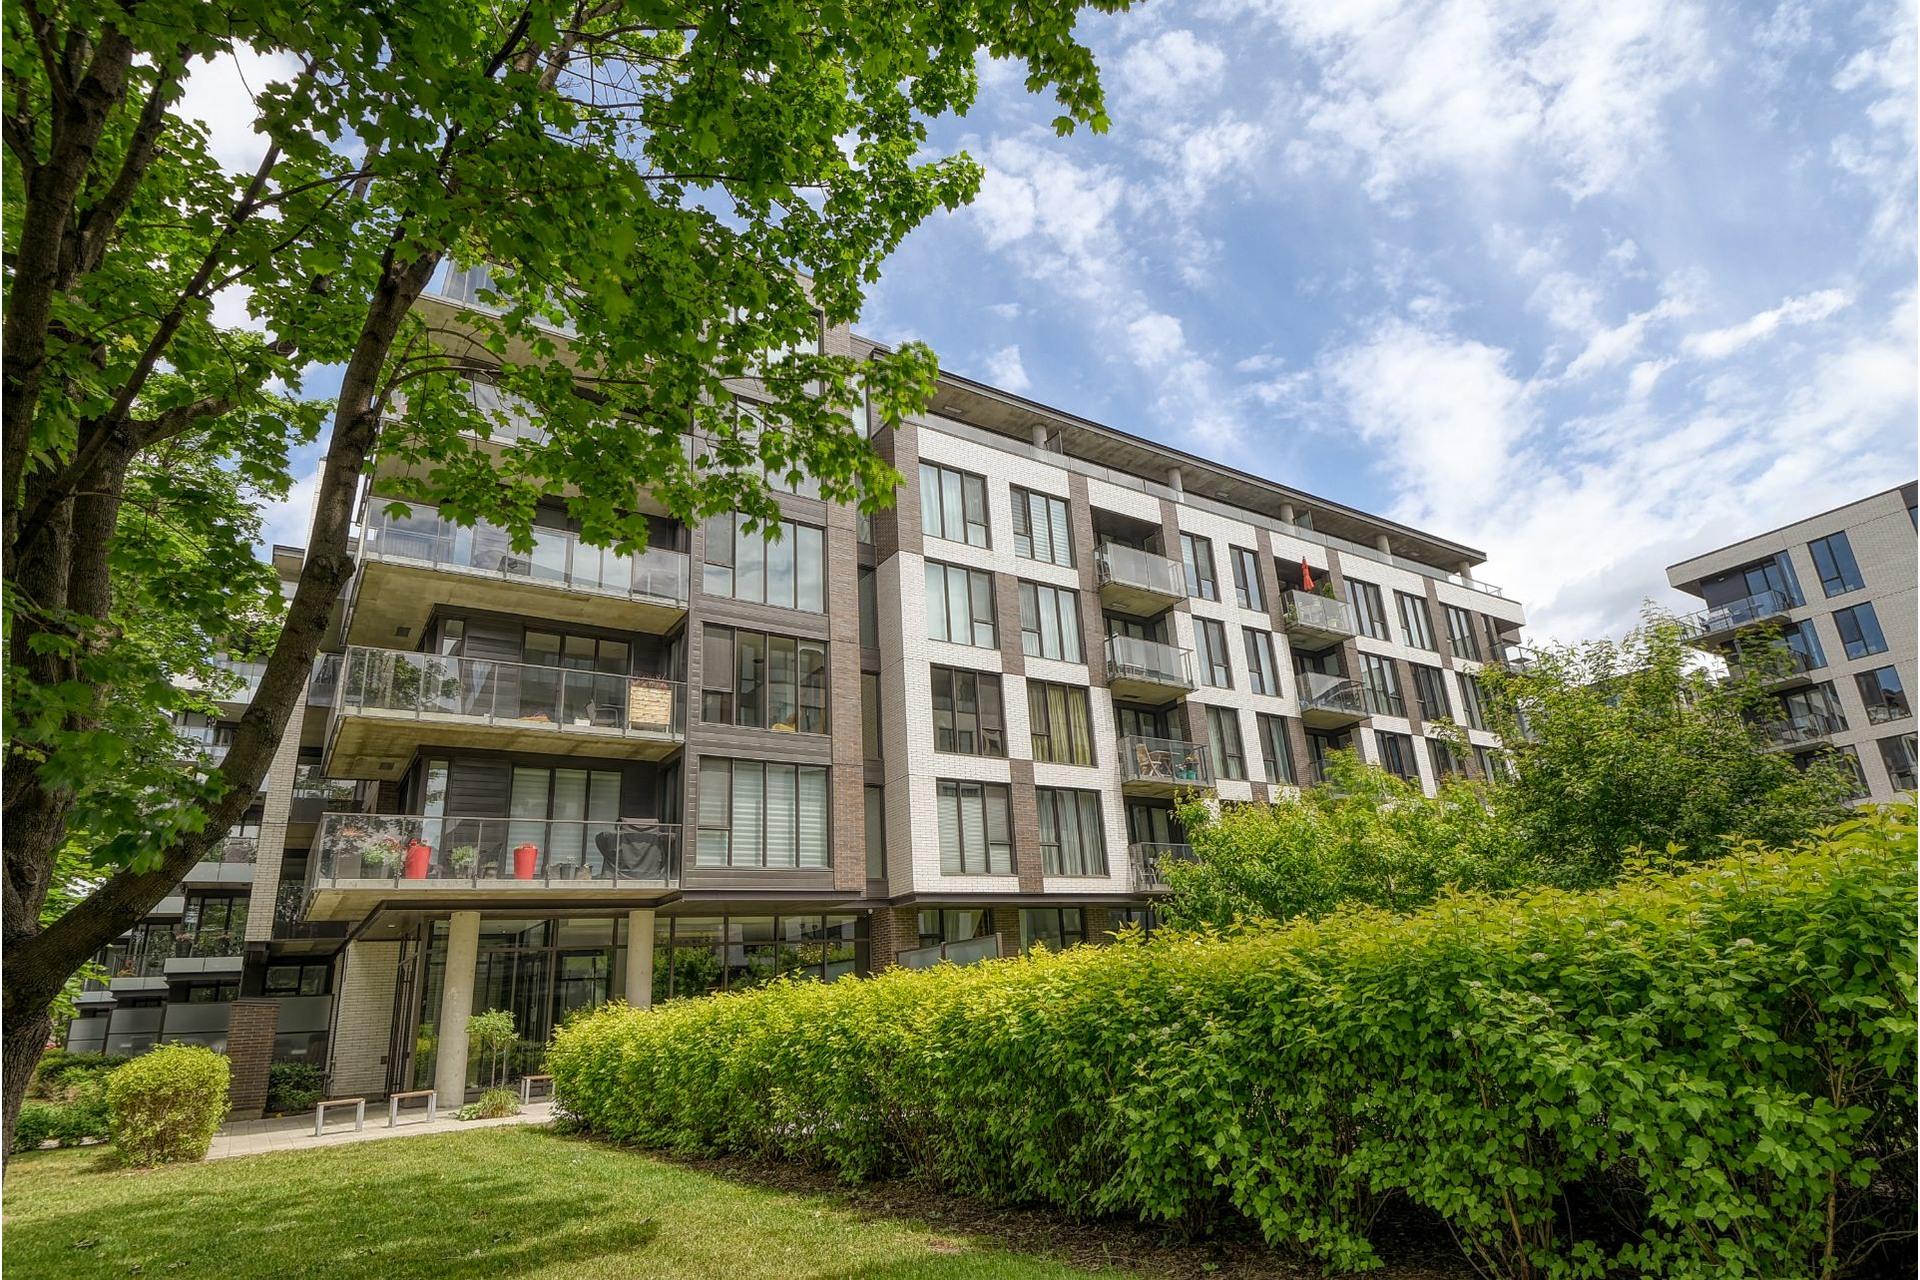 image 25 - Appartement À vendre Villeray/Saint-Michel/Parc-Extension Montréal  - 5 pièces